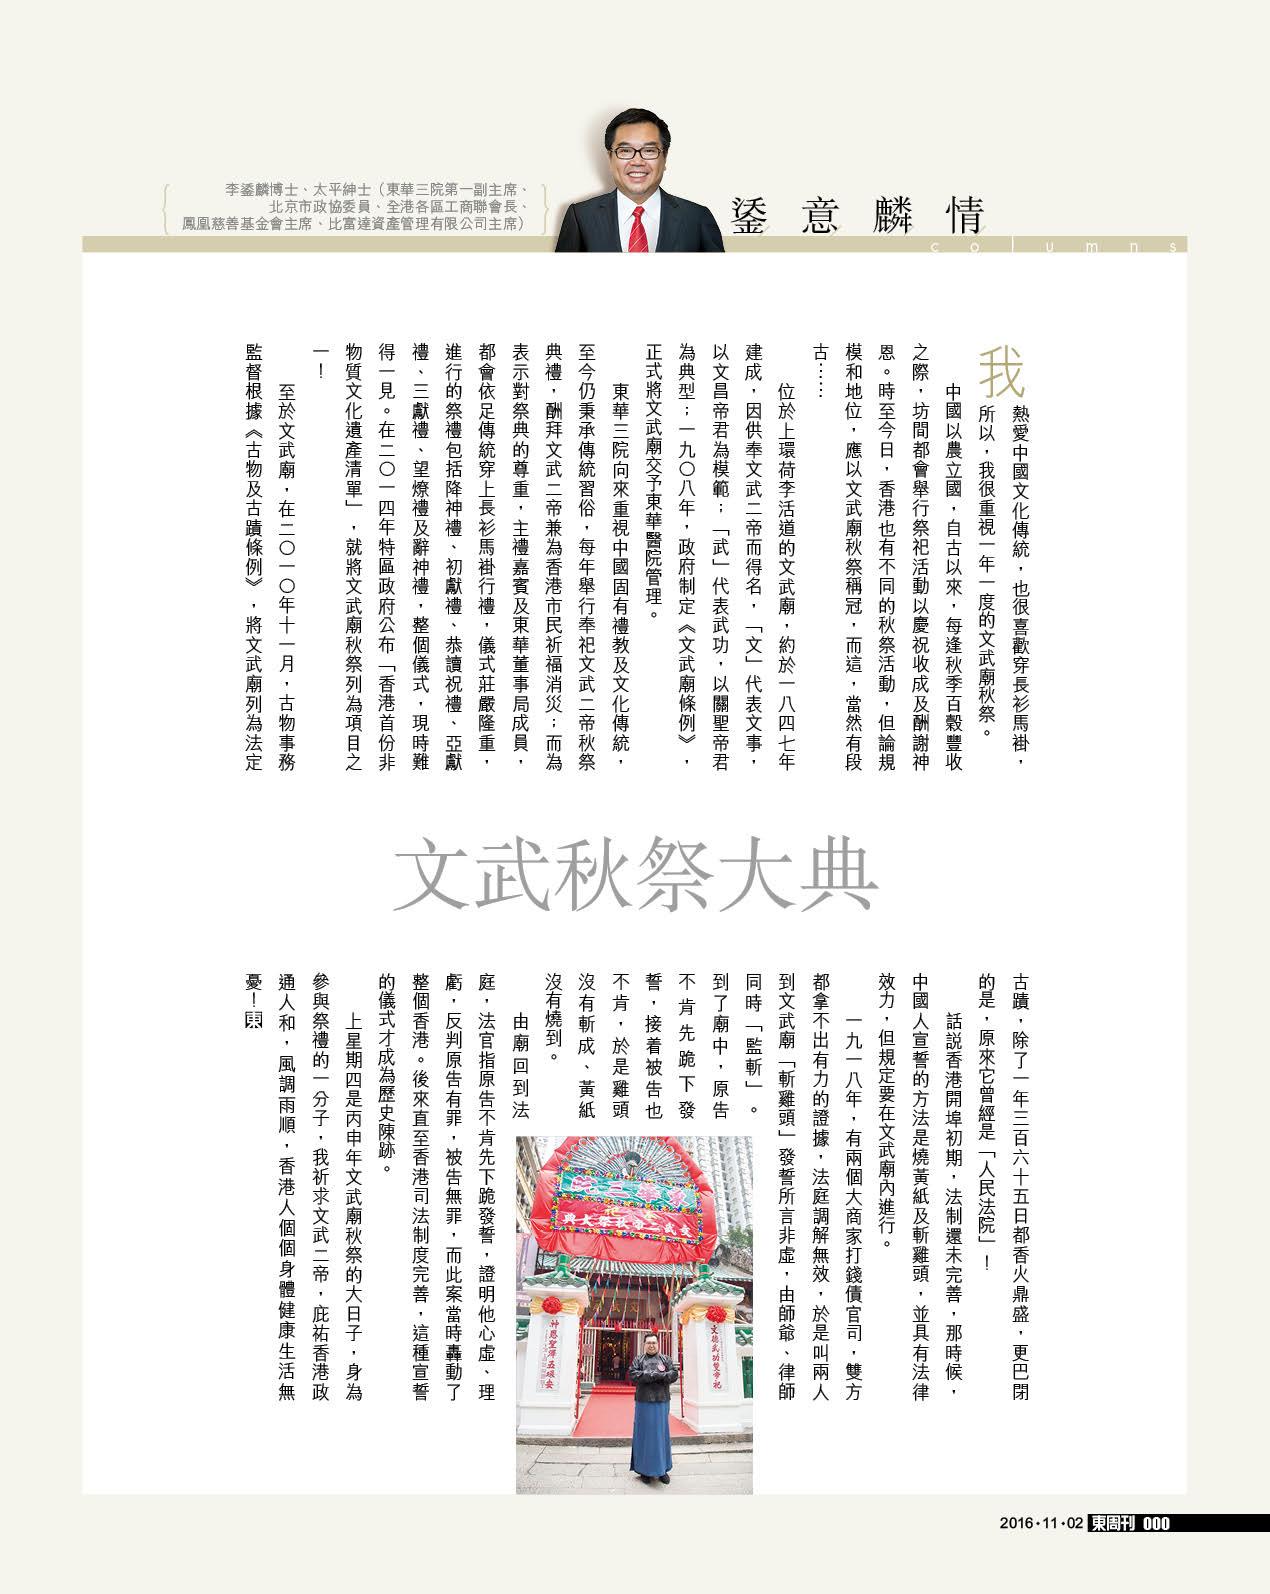 2016.11.02 【鋈意麟情】文武秋祭大典 東周刊VOL 688